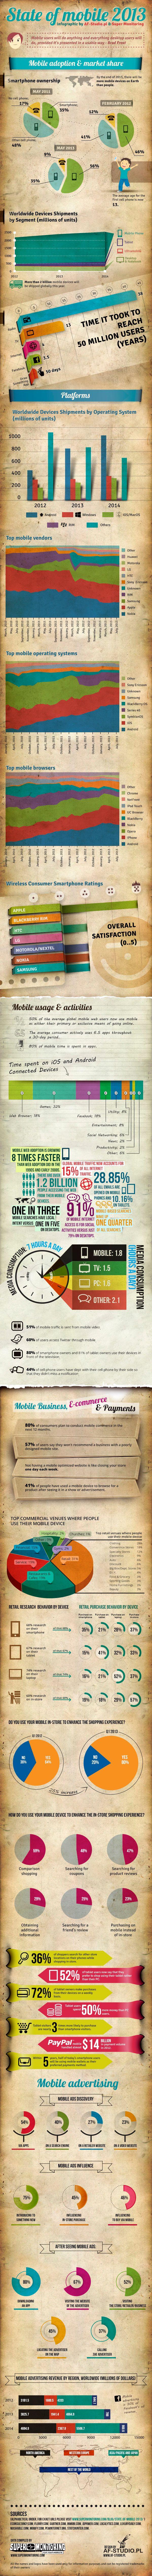 uso de smartphones